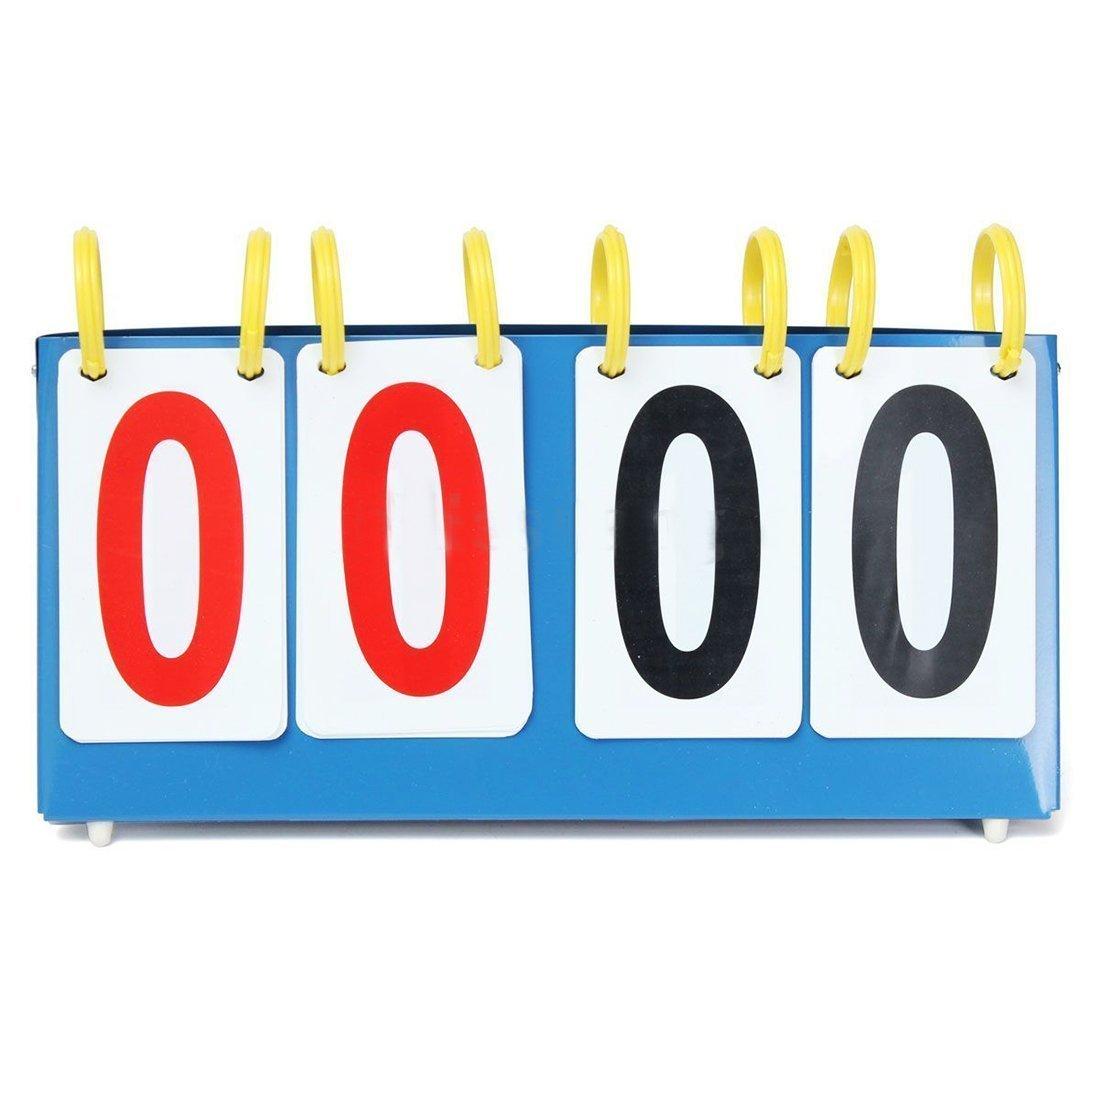 4 Digit Scoreboard - TOOGOO(R)Portable 4 Digit Scoreboard Sports Flip Score Board Basketball Scorer Tennis